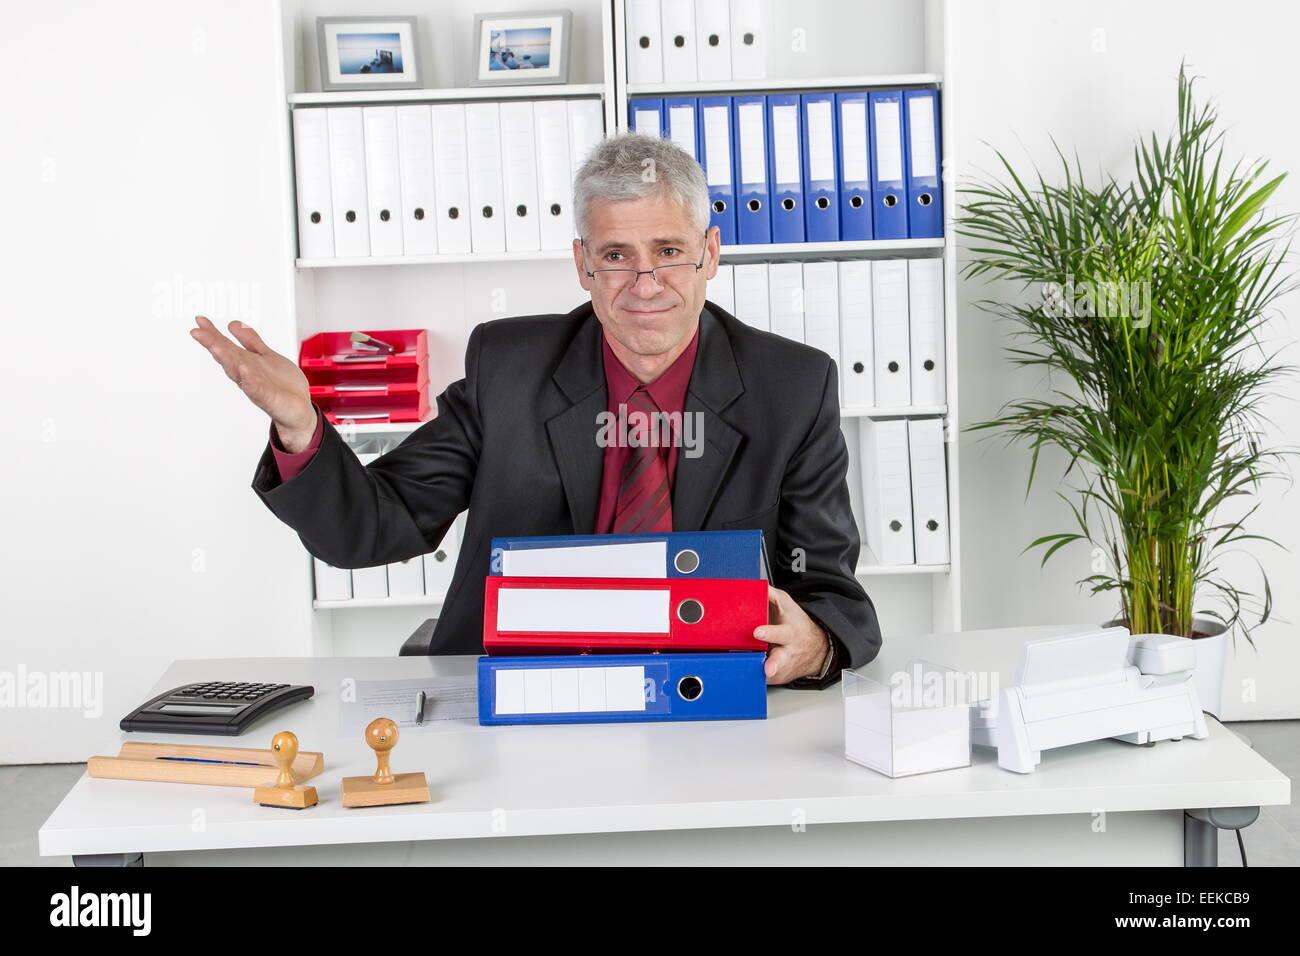 Mann mittleren Alters sitzt im Büro und gestikuliert, Middle-aged man, sitting in his office, gesticulating - Stock Image